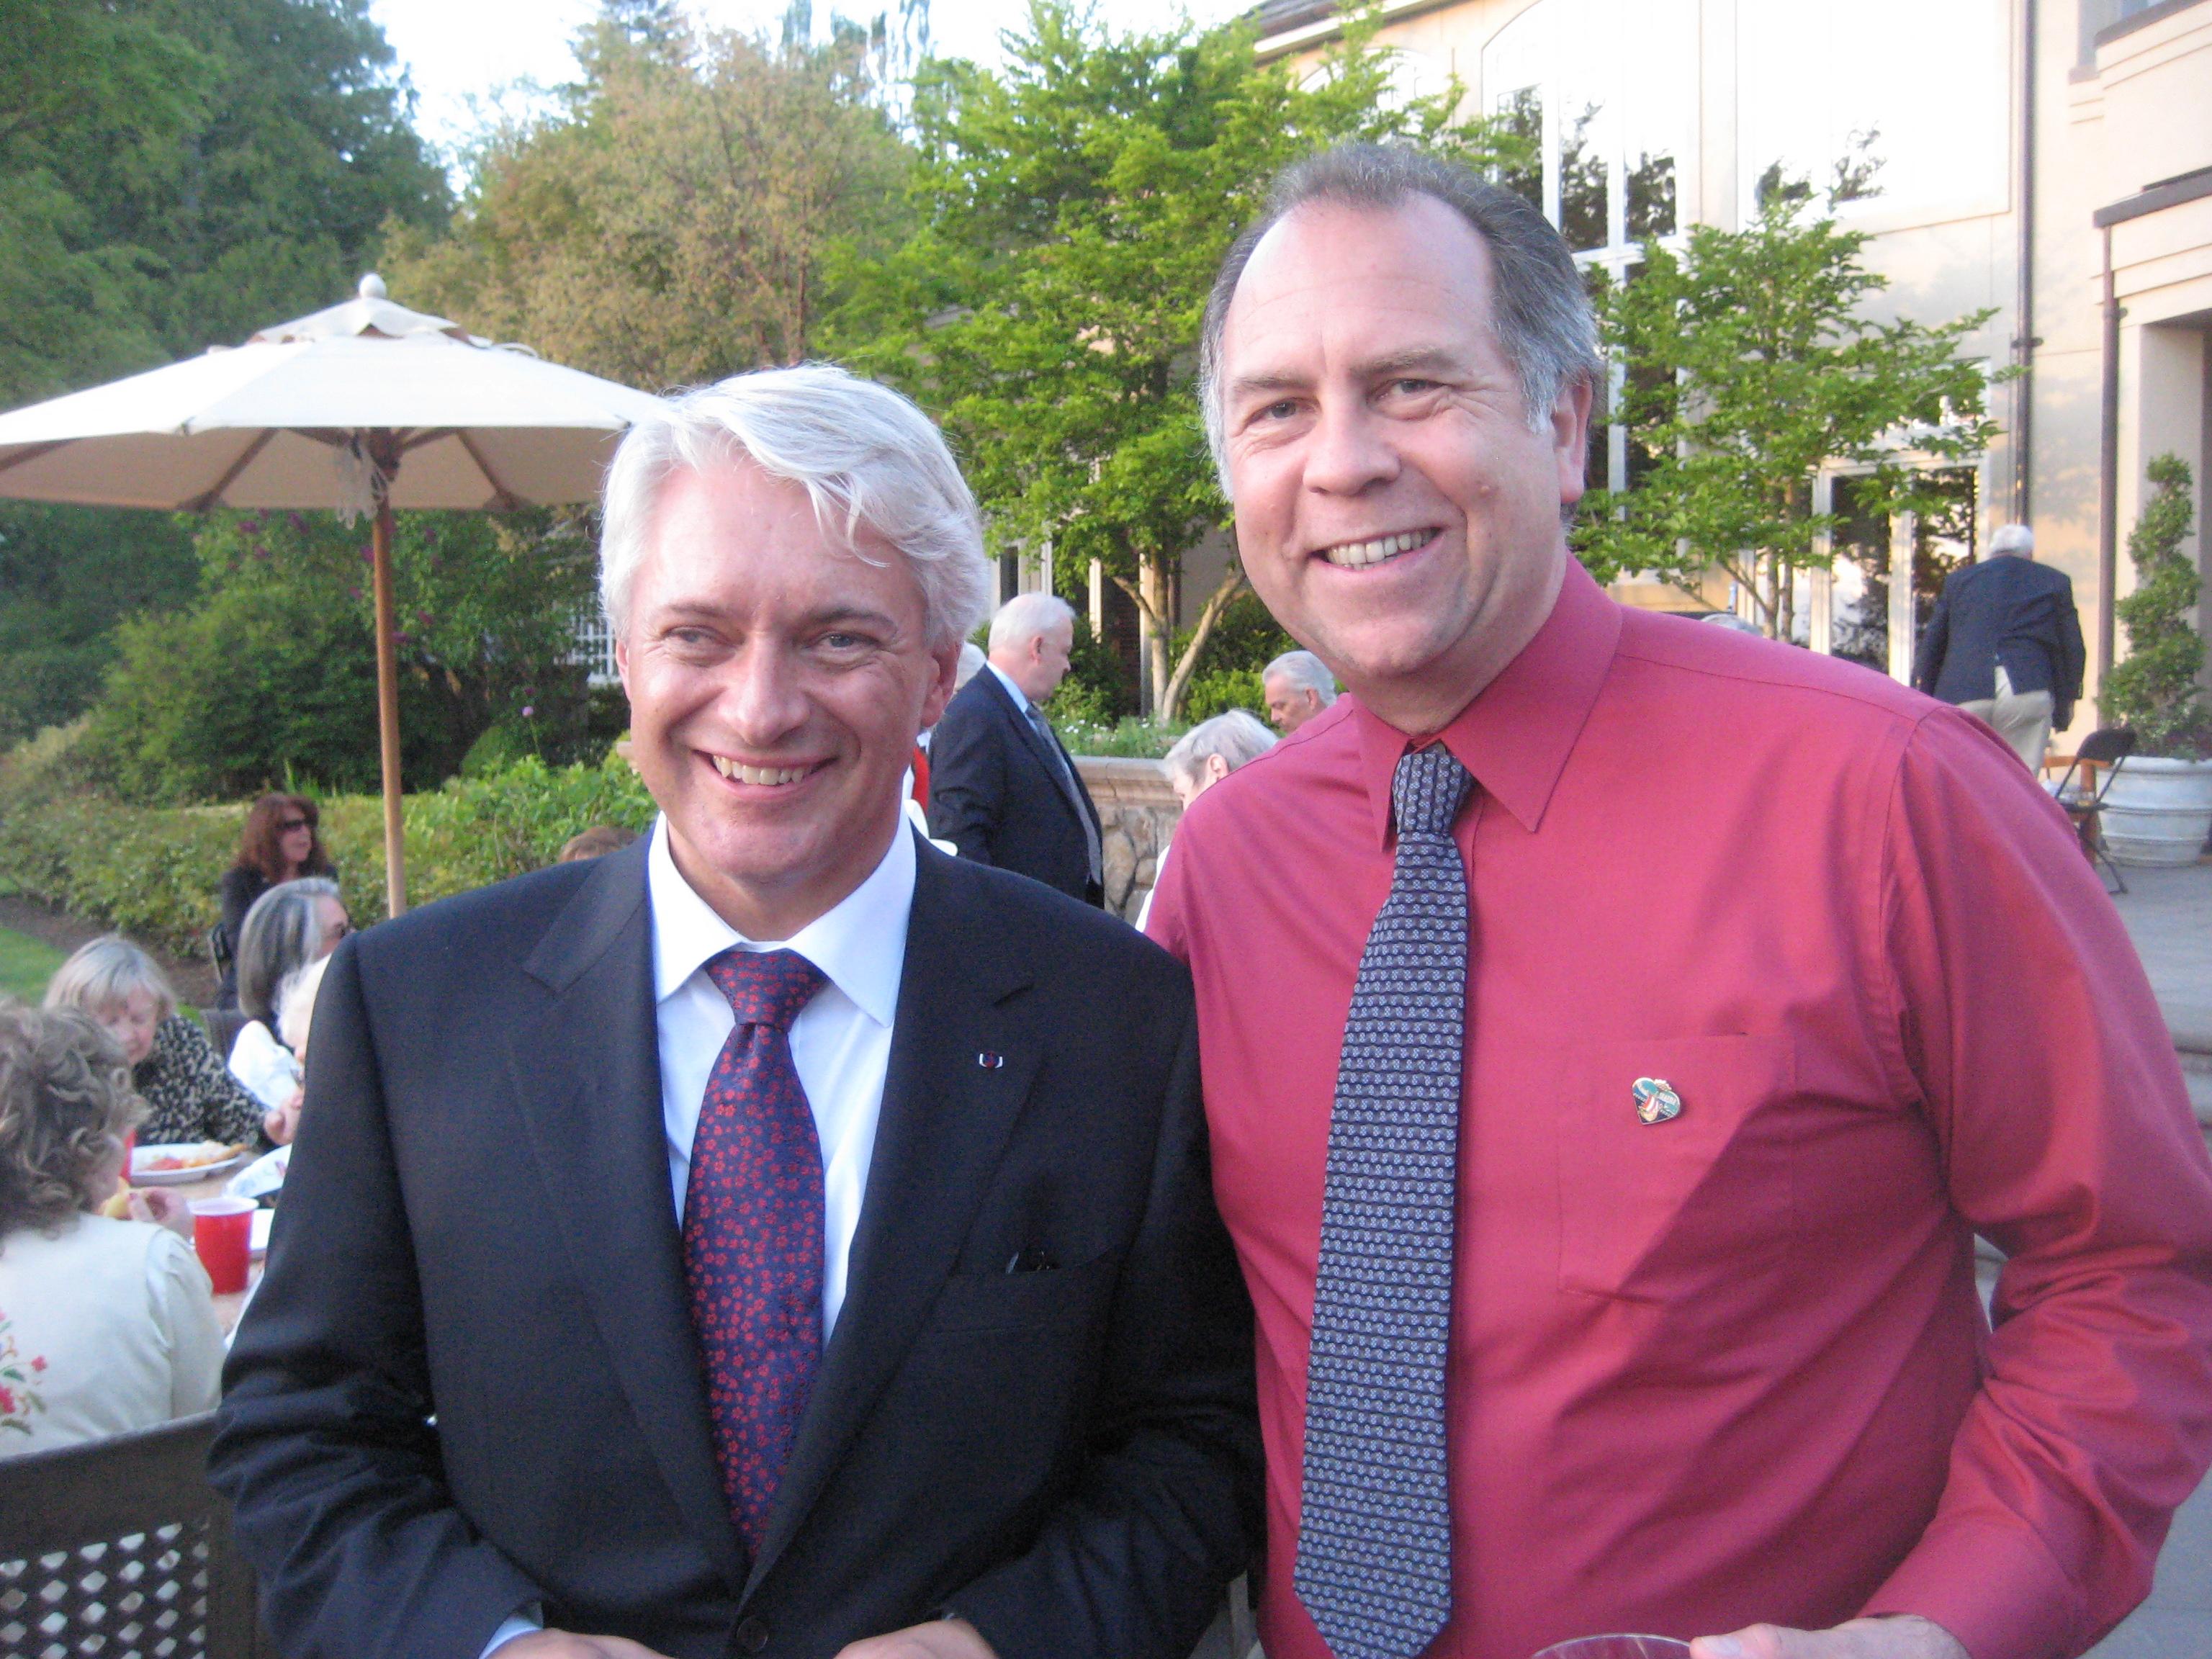 Ambassador Wegger Strommen and moi